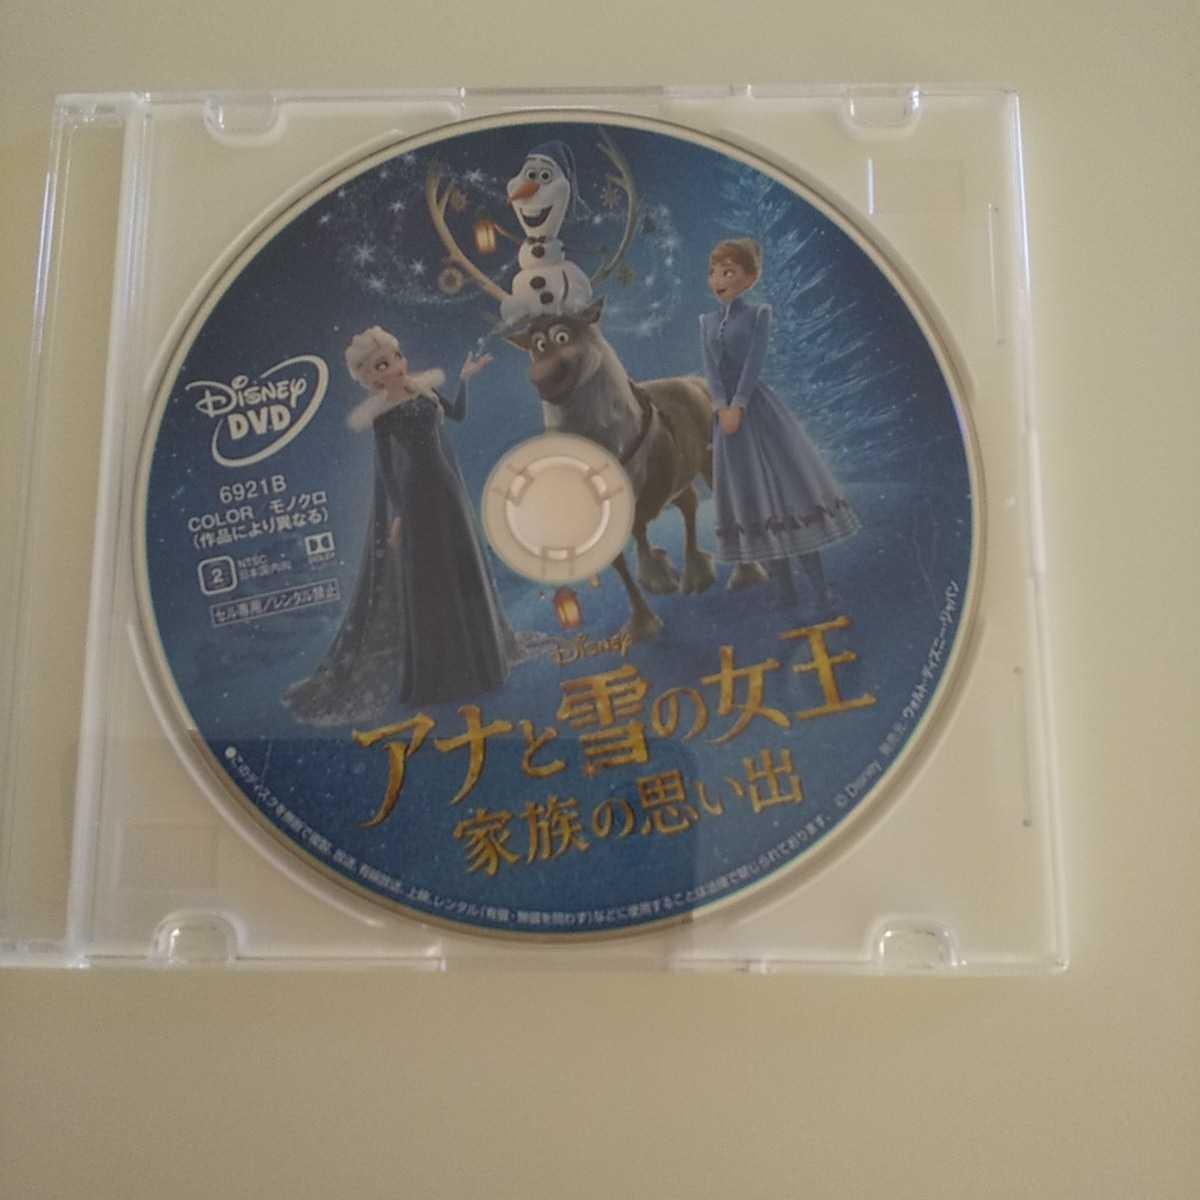 DVDのみ【アナと雪の女王 家族の思い出 】 新品 未視聴 未再生 国内正規品 送料無料 匿名配送 ブルーレイは付きません